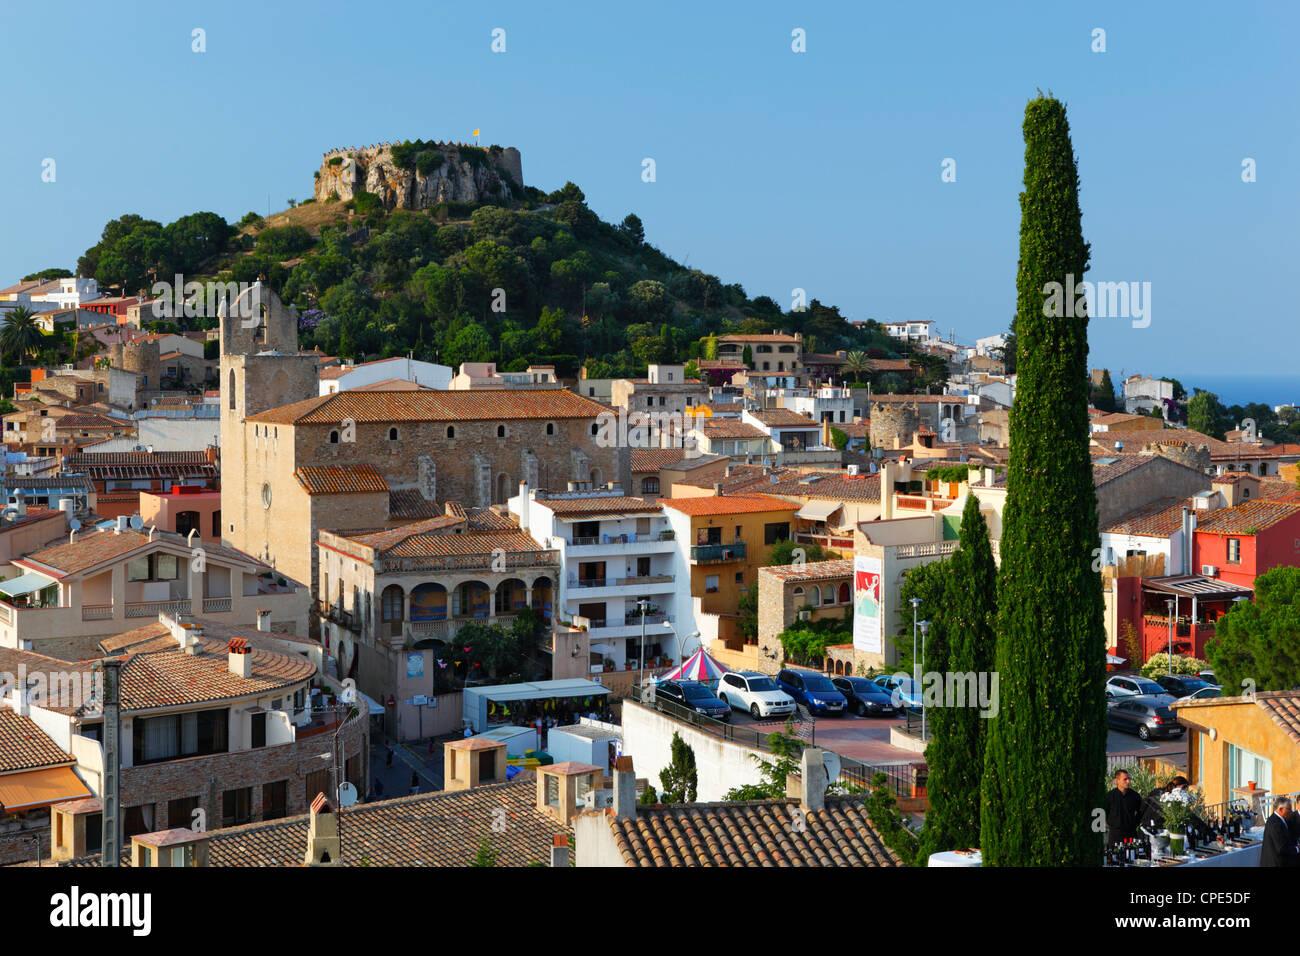 Château en ruines au-dessus de la vieille ville, Begur, Costa Brava, Catalogne, Espagne, Europe Photo Stock